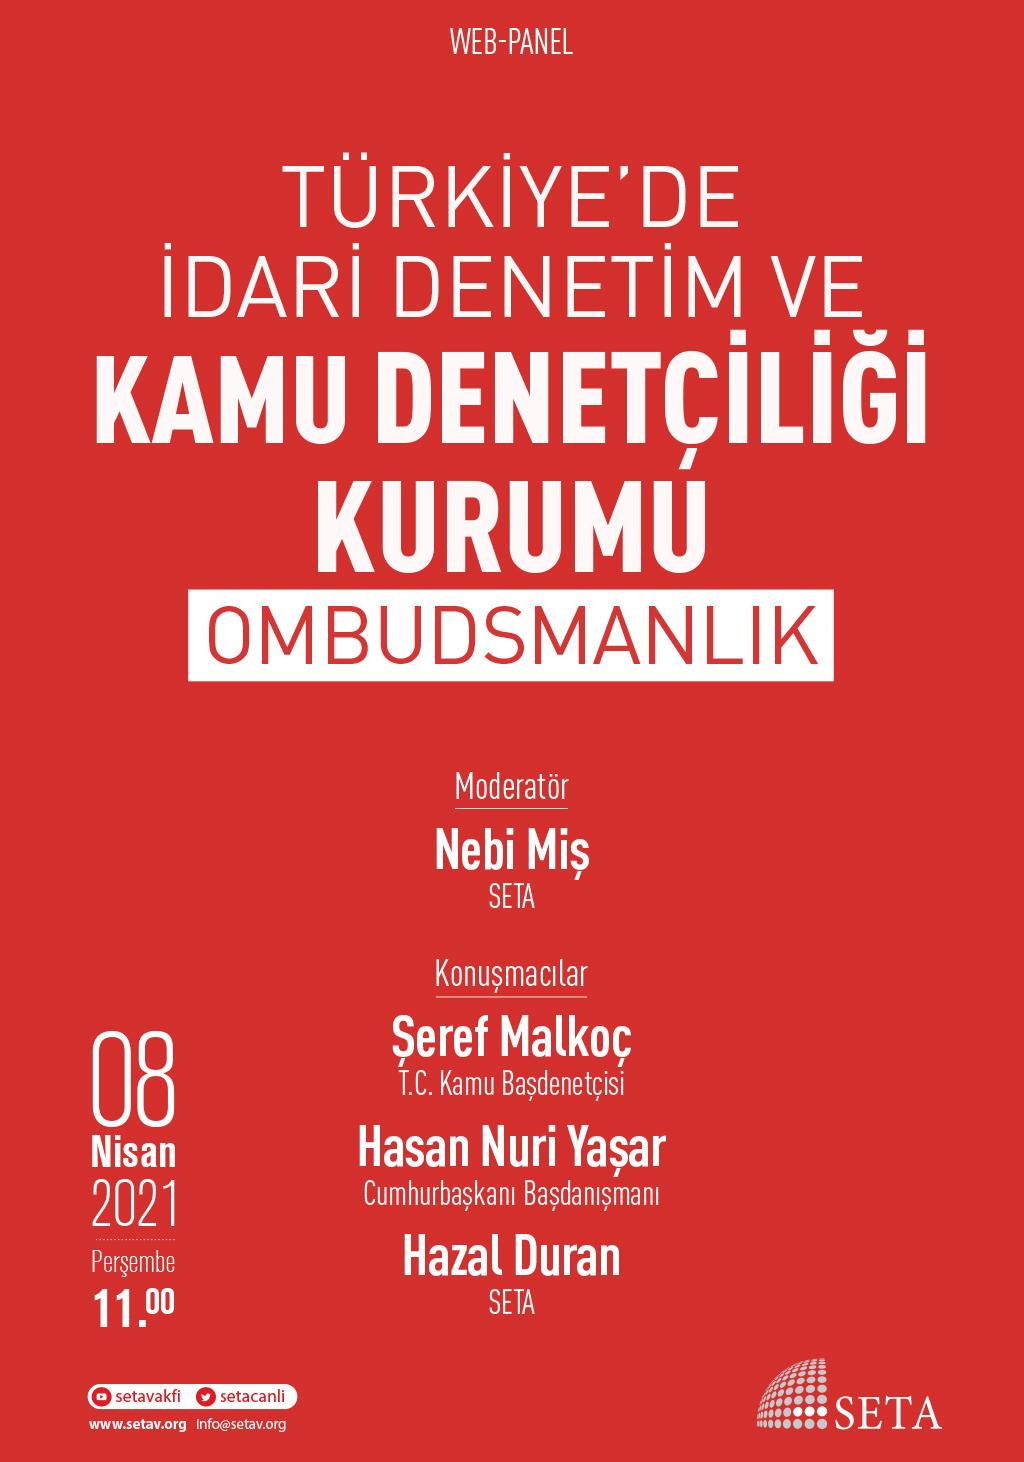 Web Panel: Türkiye'de İdari Denetim ve Kamu Denetçiliği Kurumu  | Ombudsmanlık